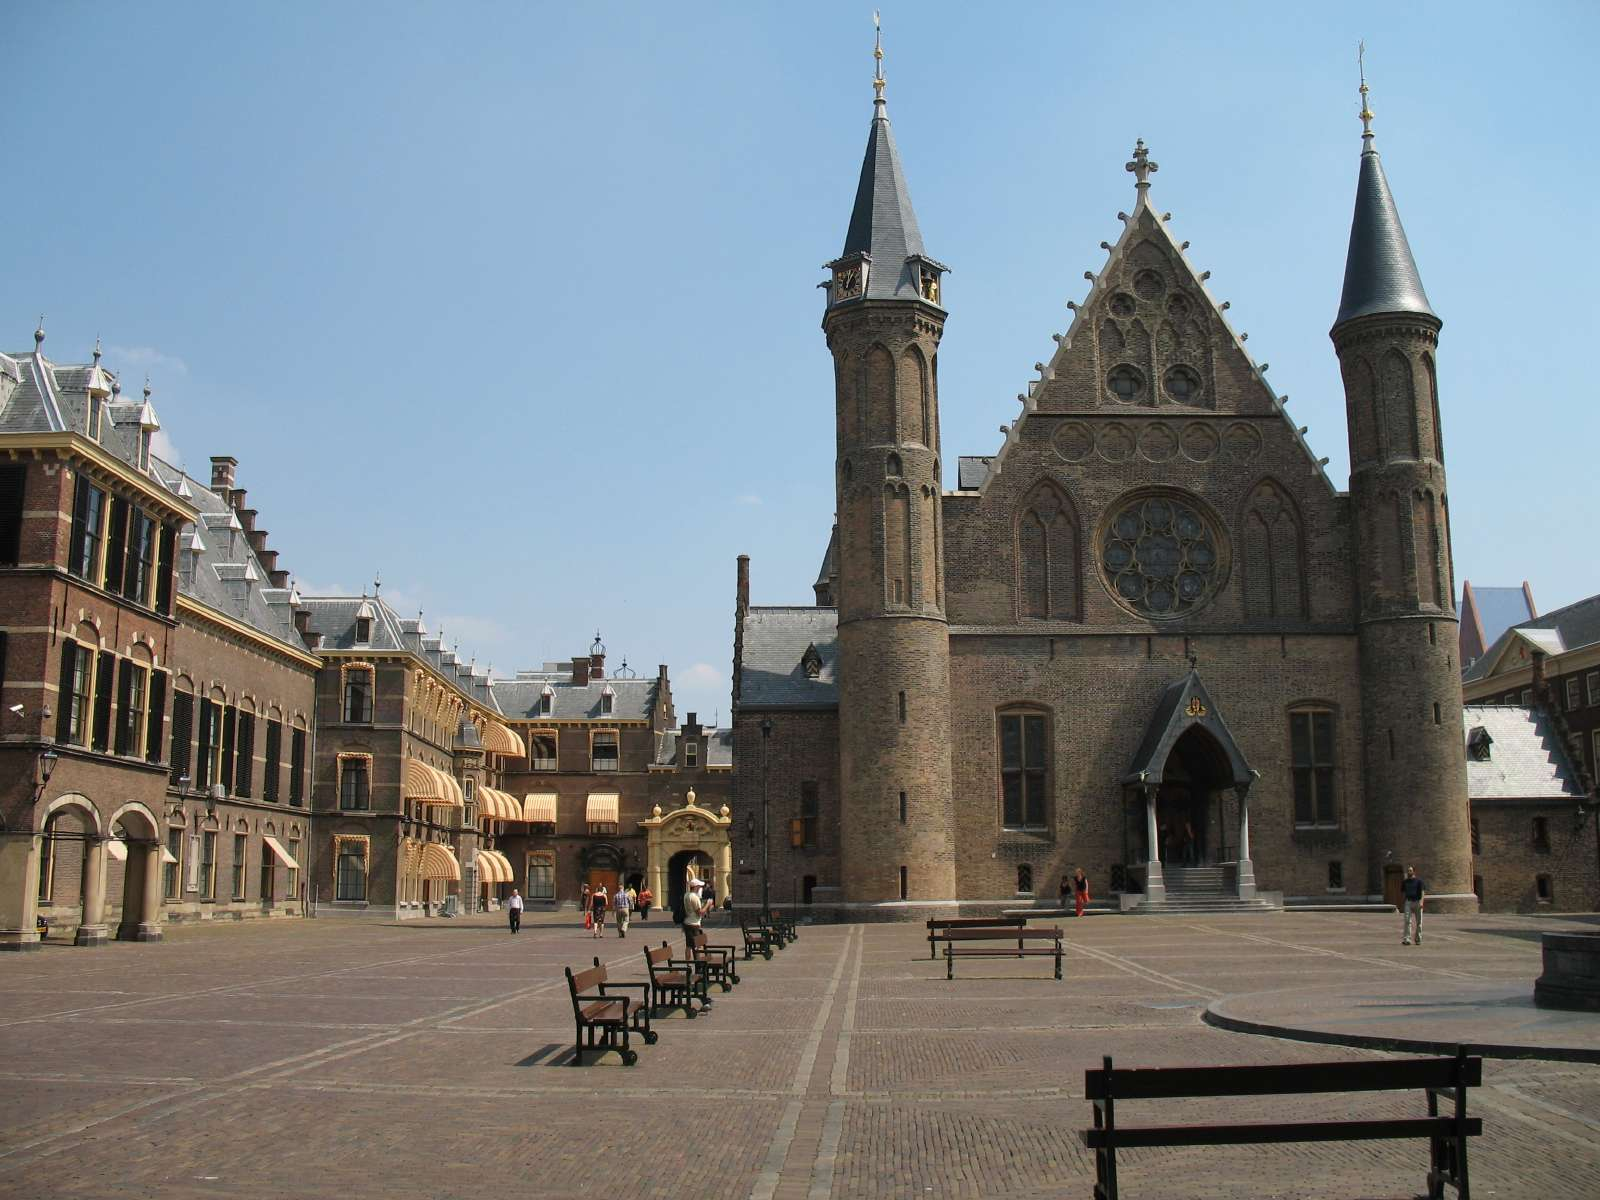 オランダ・ハーグ観光王宮・バラ園・騎士の館徹底ガイド!絶対にハズせない観光名所